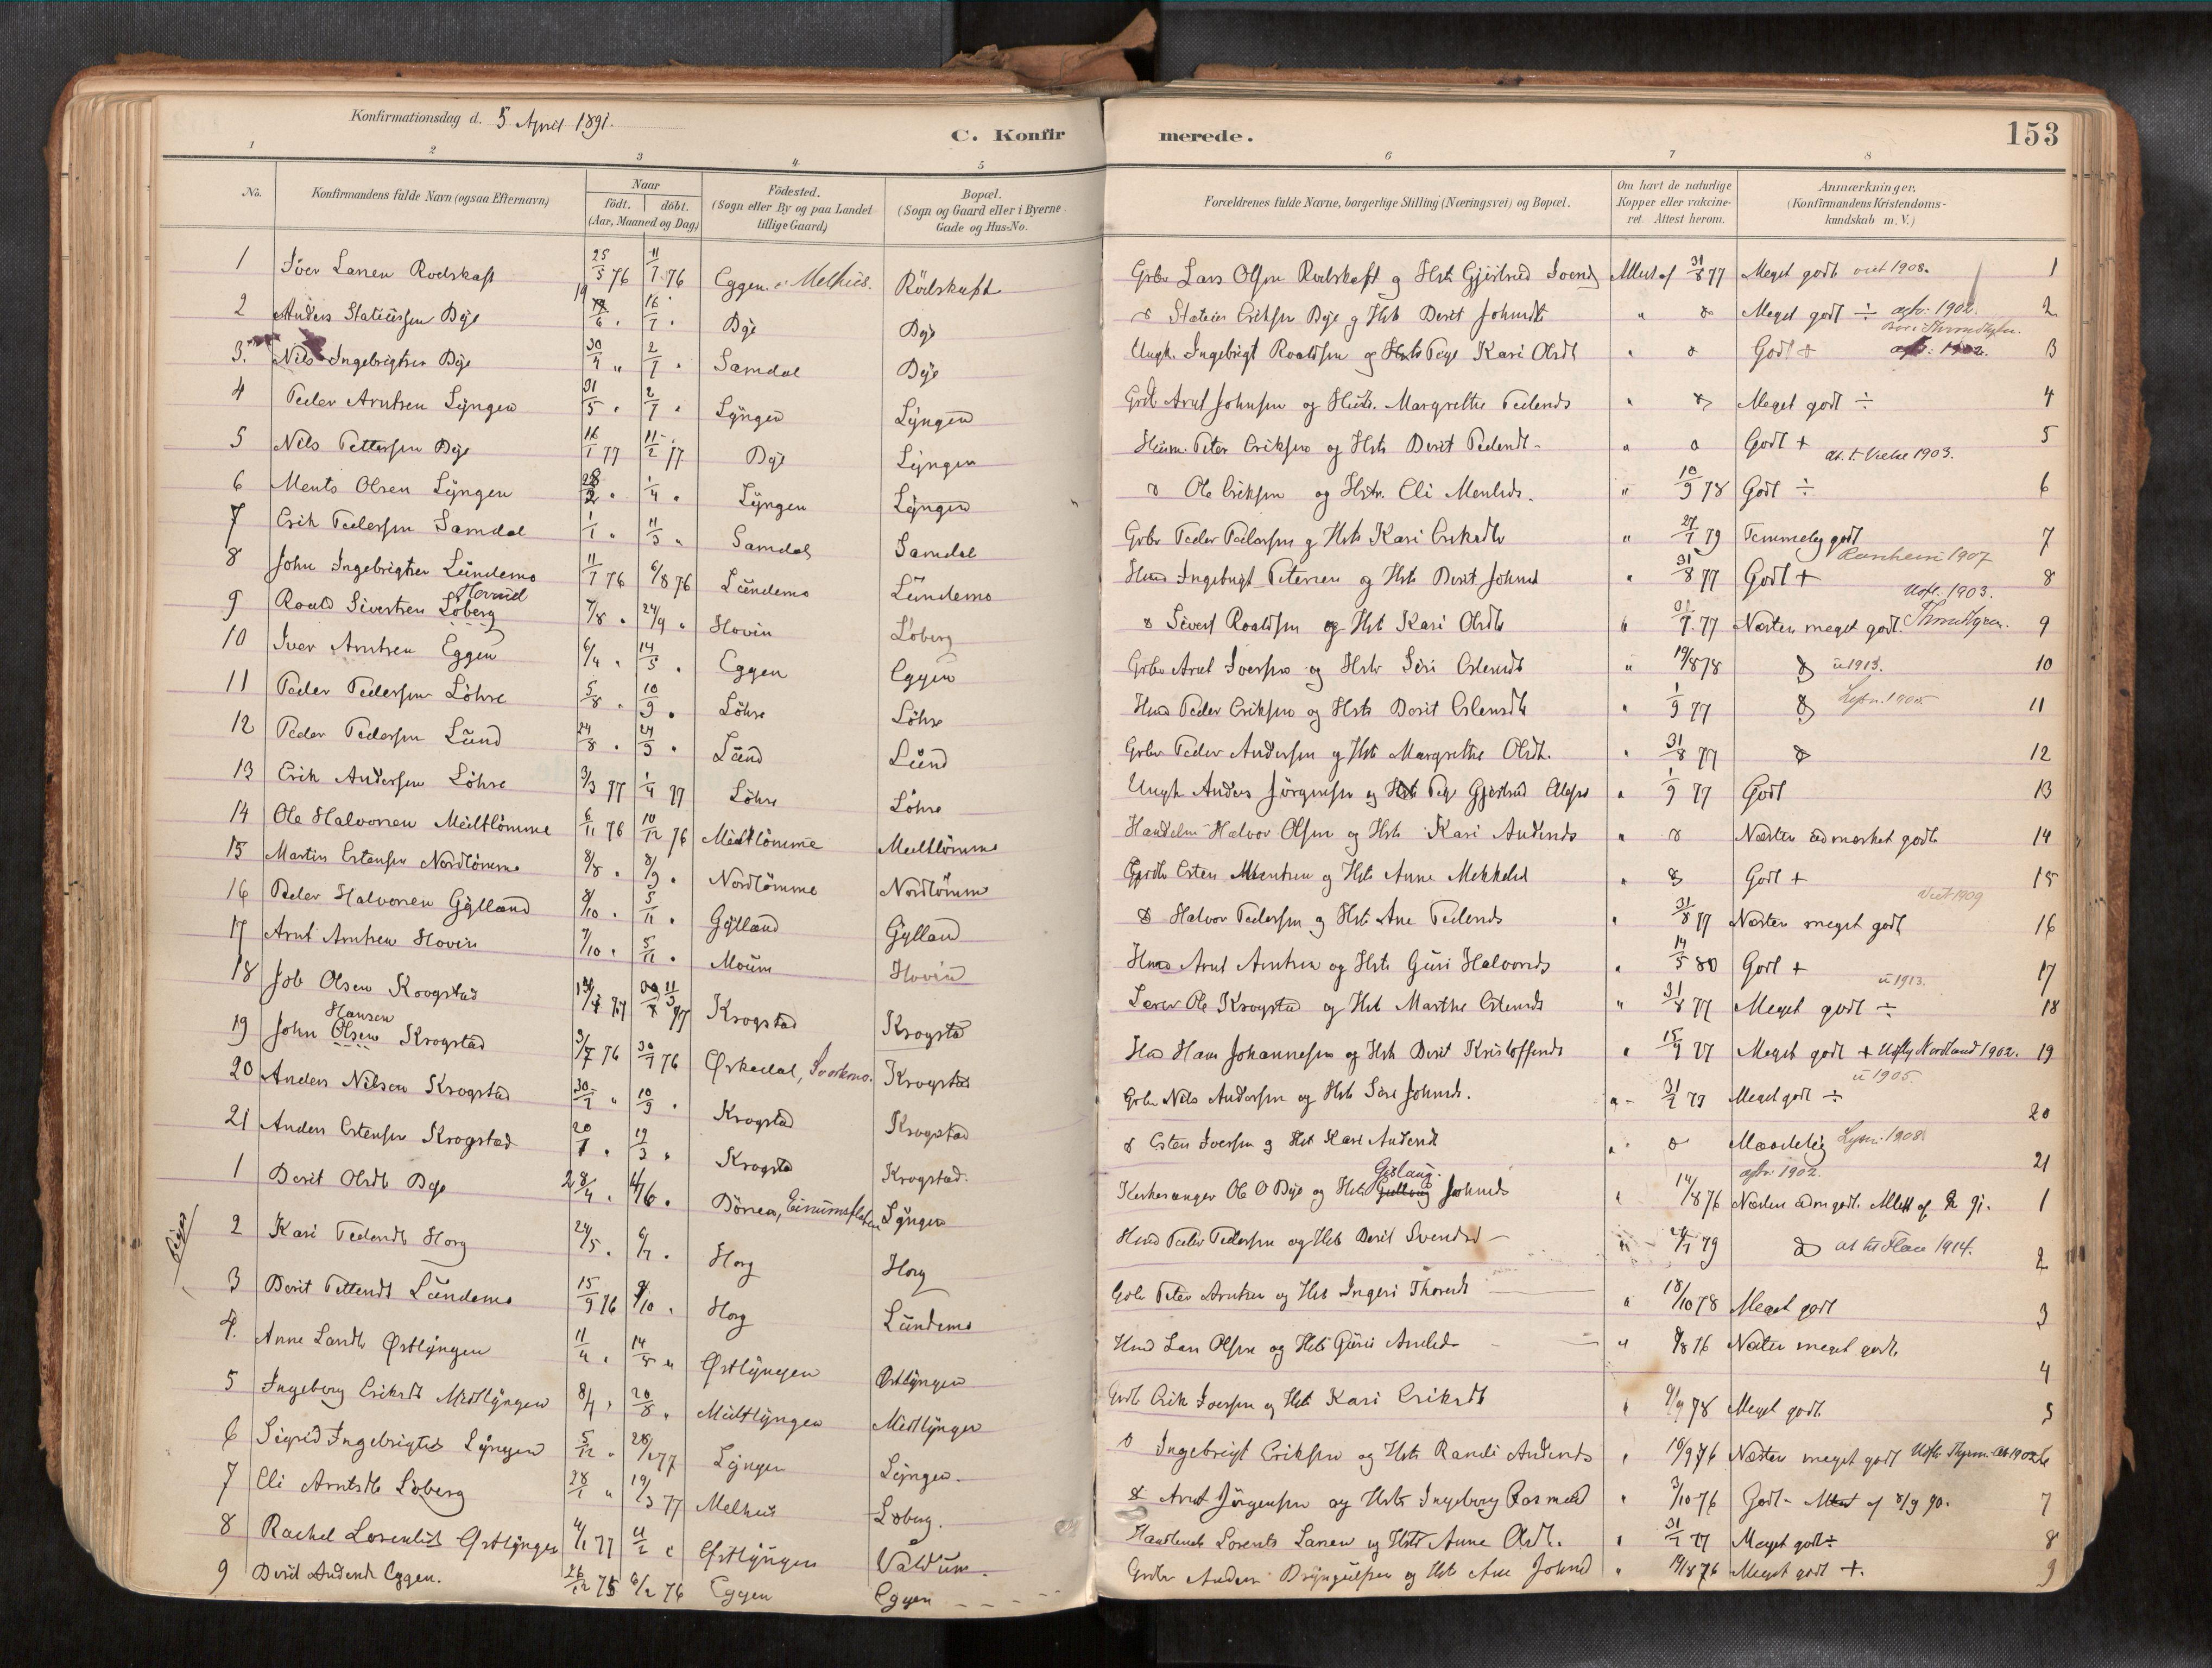 SAT, Ministerialprotokoller, klokkerbøker og fødselsregistre - Sør-Trøndelag, 692/L1105b: Ministerialbok nr. 692A06, 1891-1934, s. 153